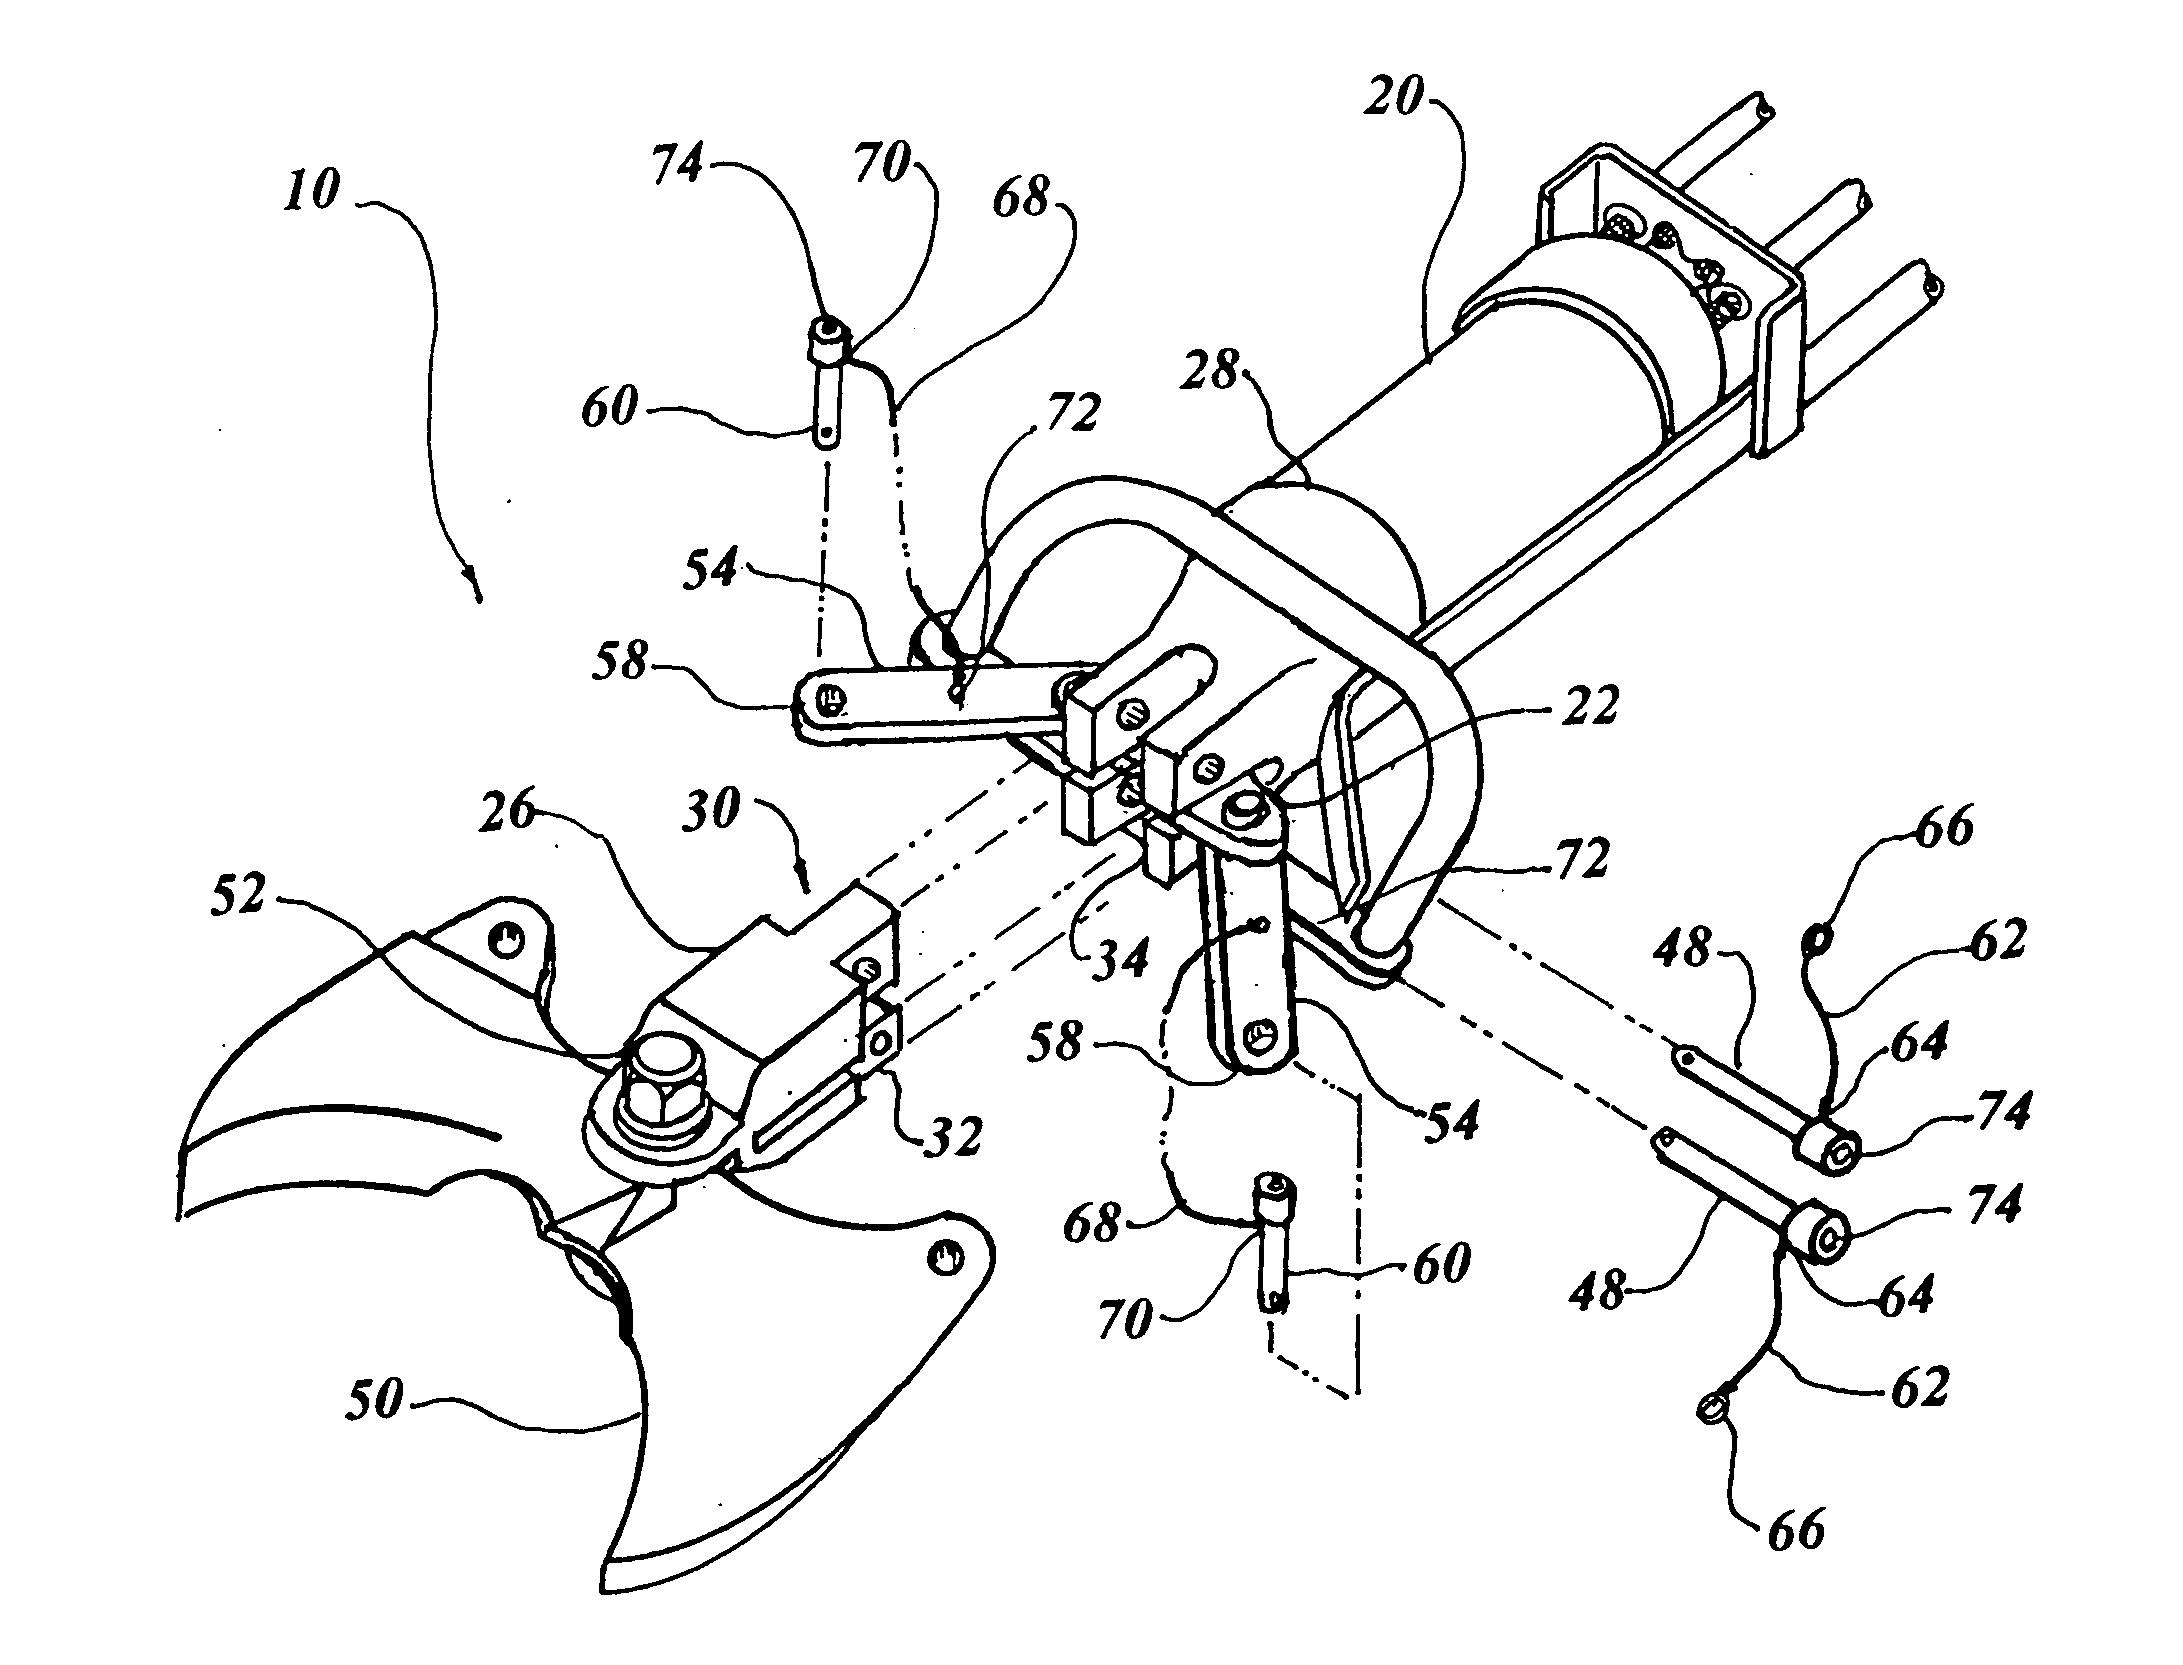 patent us20100307010